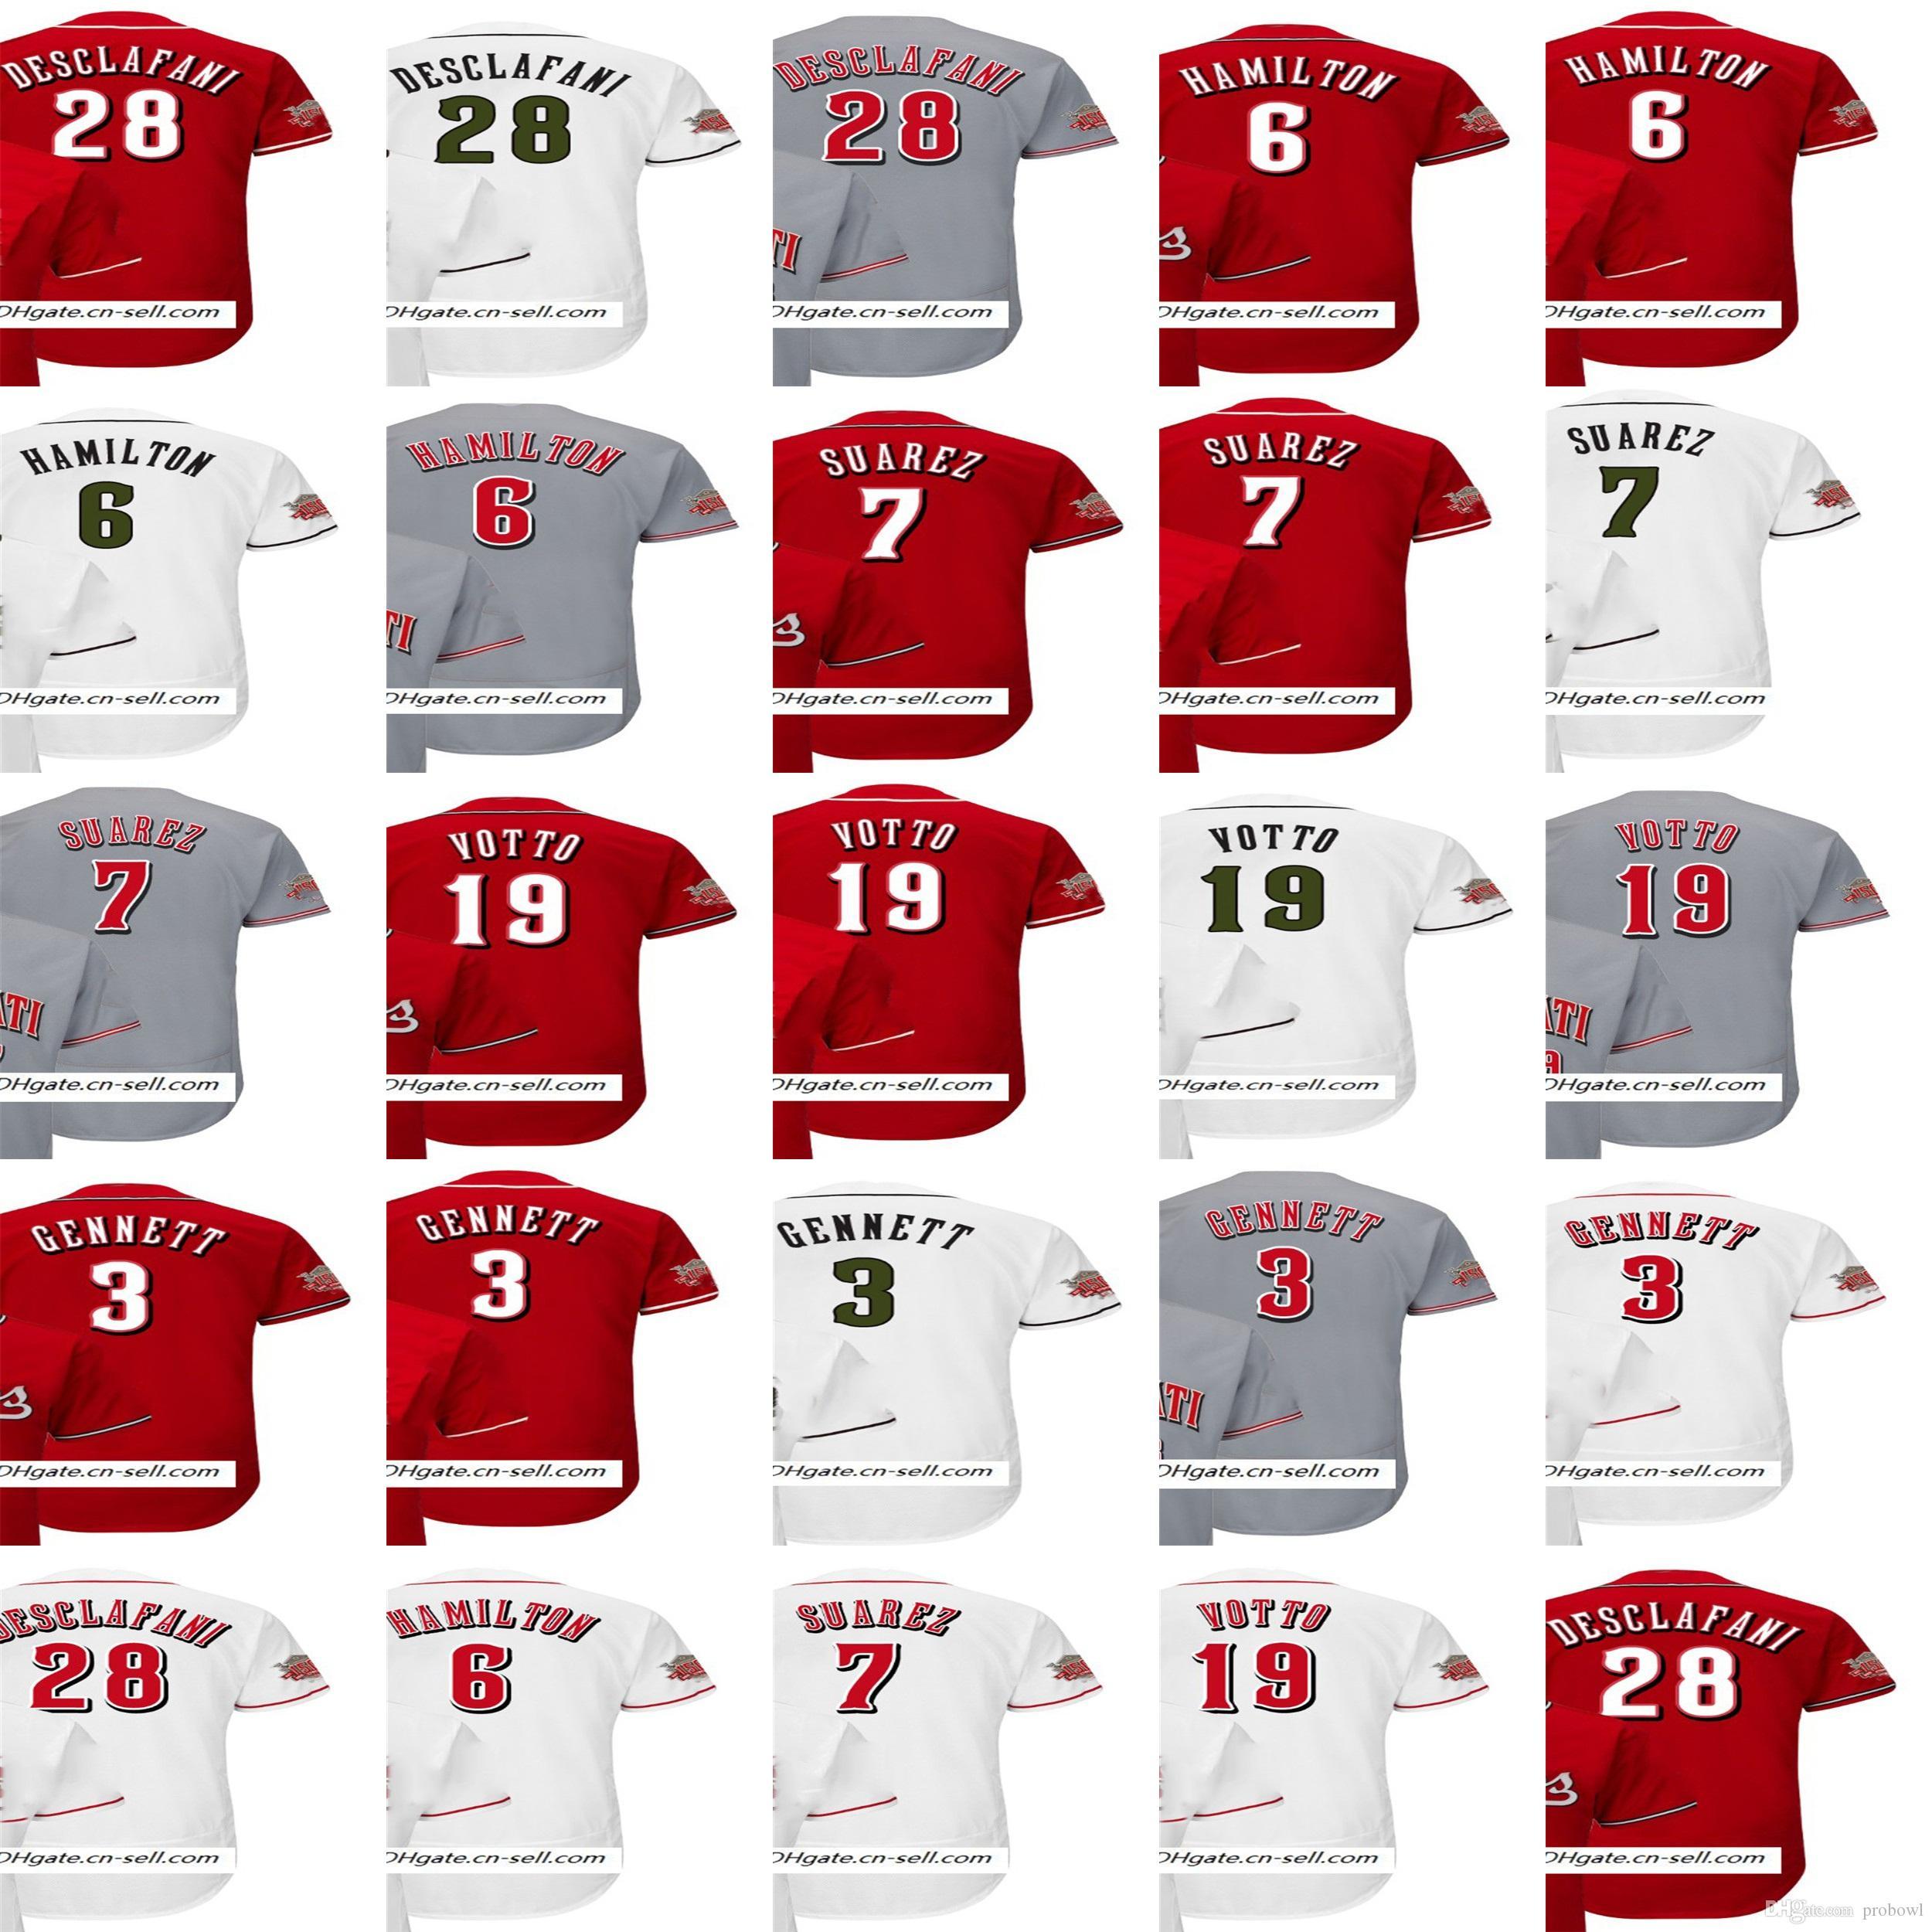 Personalize 34 Homer Bailey Jesse Winker Peraza Luis Castillo 21 Lorenzen Raisel Iglesias Scott Schebler Baseball Jersey RED WHITE